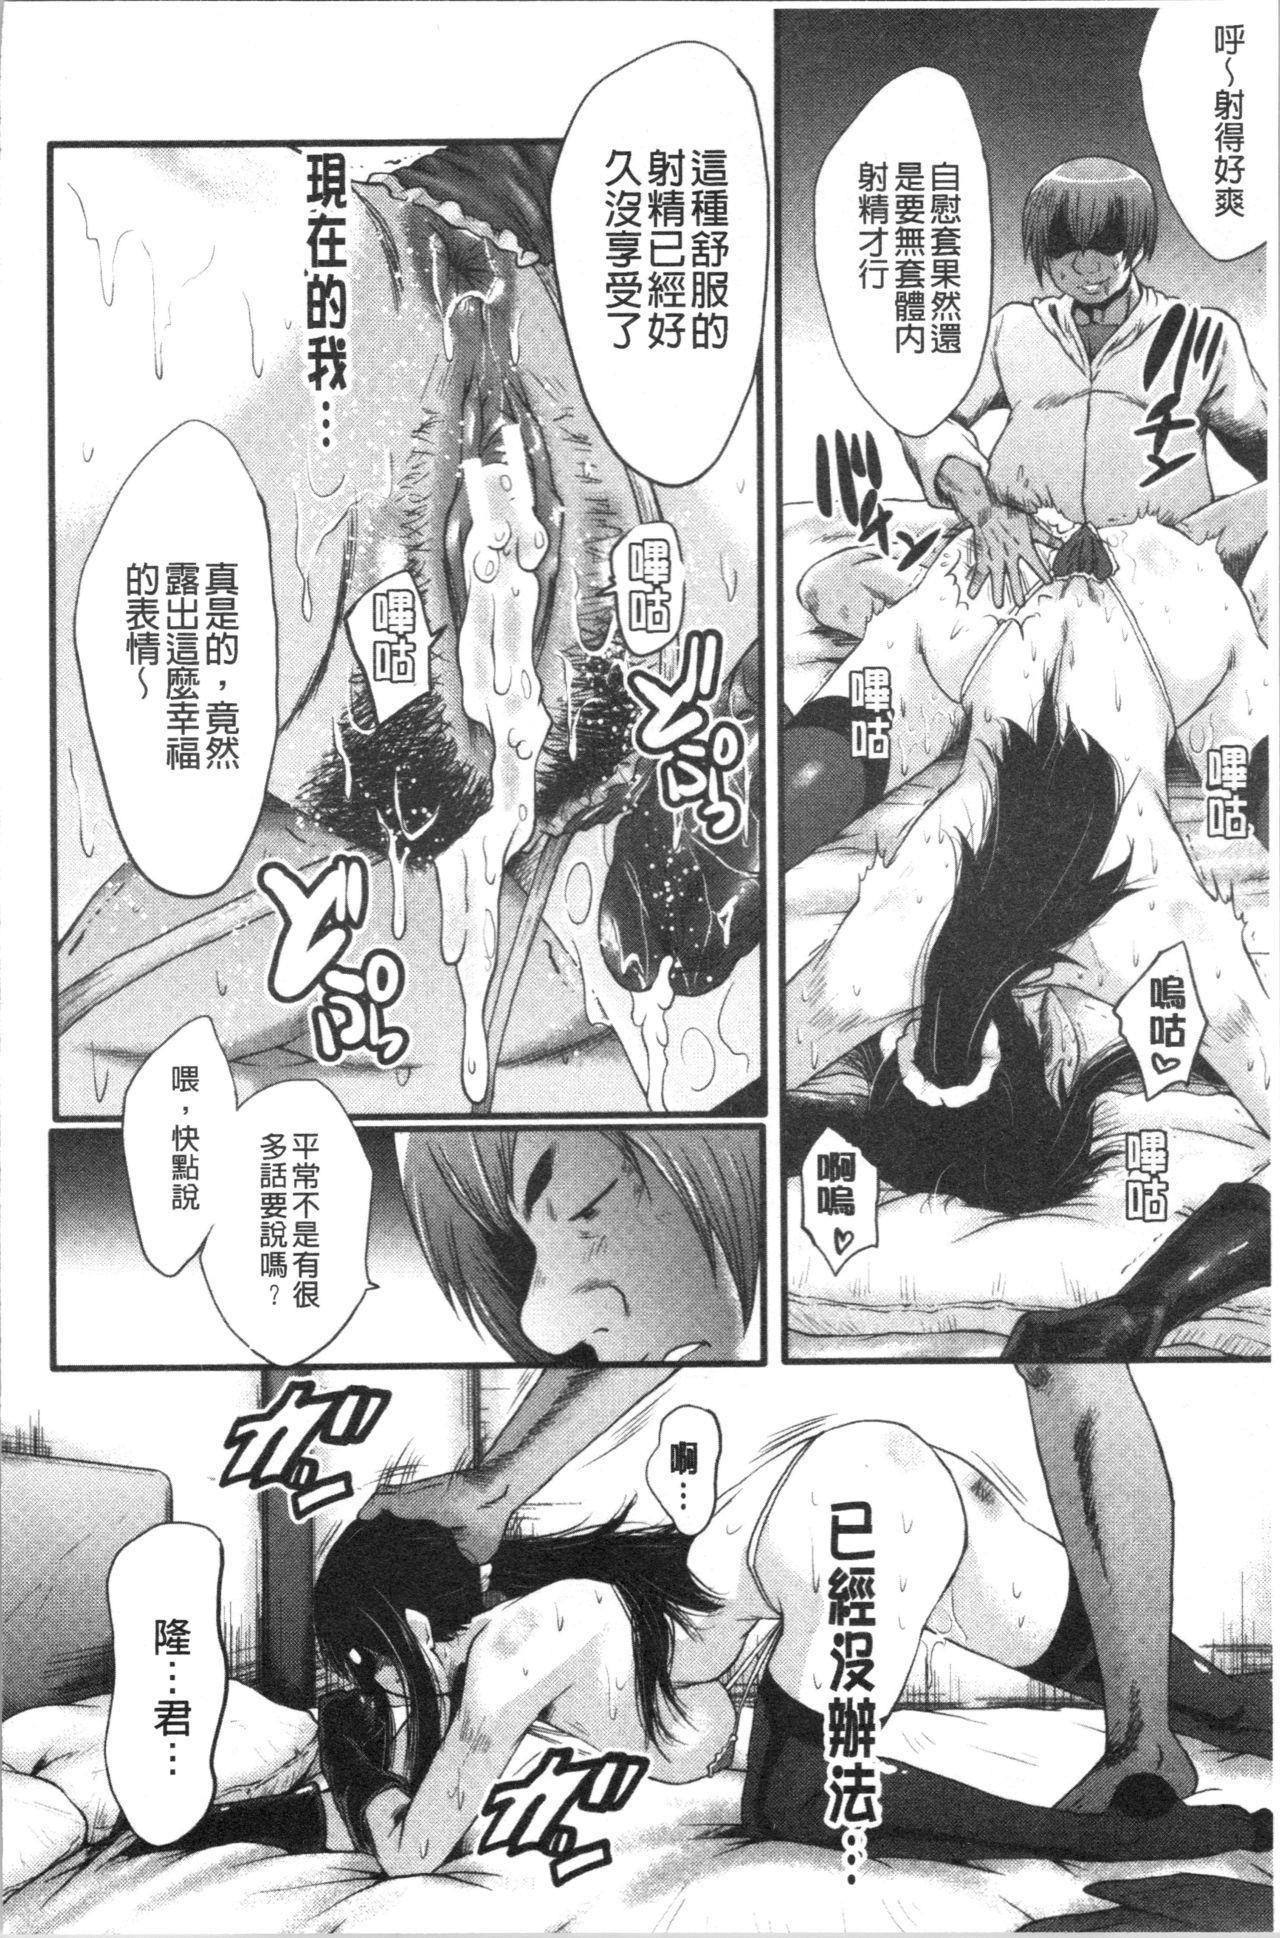 Bokuno Kanojo ga Kusogaki ni Netorareta Hanashi 147